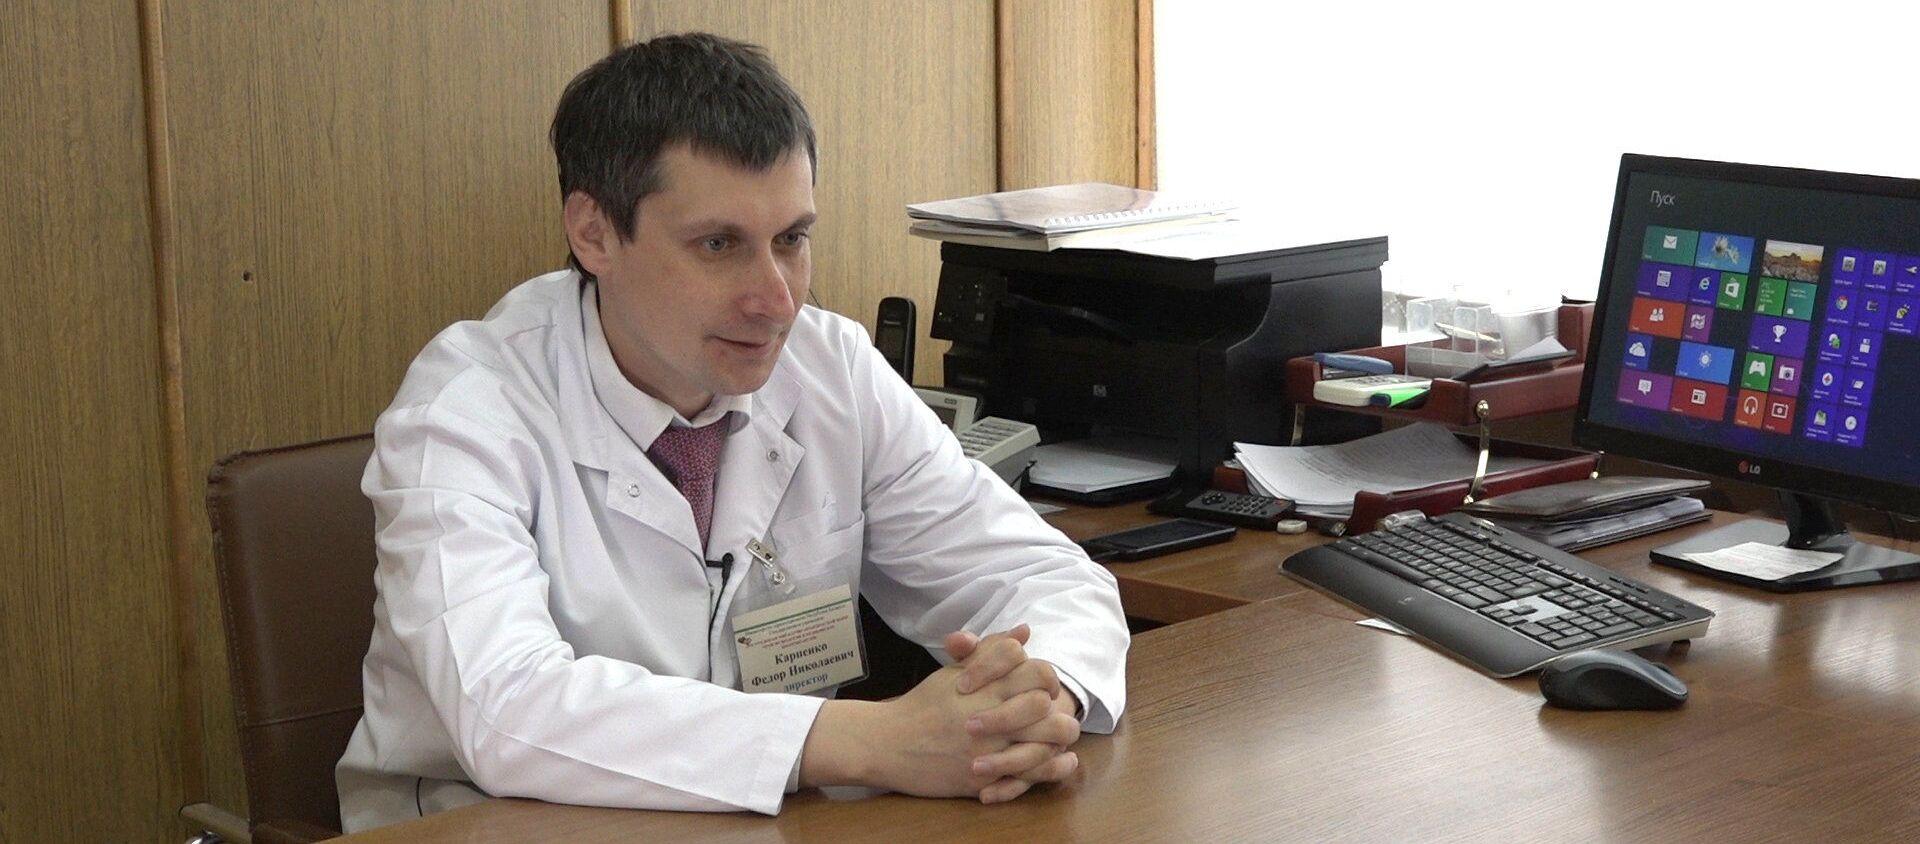 Что такое иммуноглобулины M и G при коронавирусе, рассказал эксперт - Sputnik Беларусь, 1920, 17.02.2021